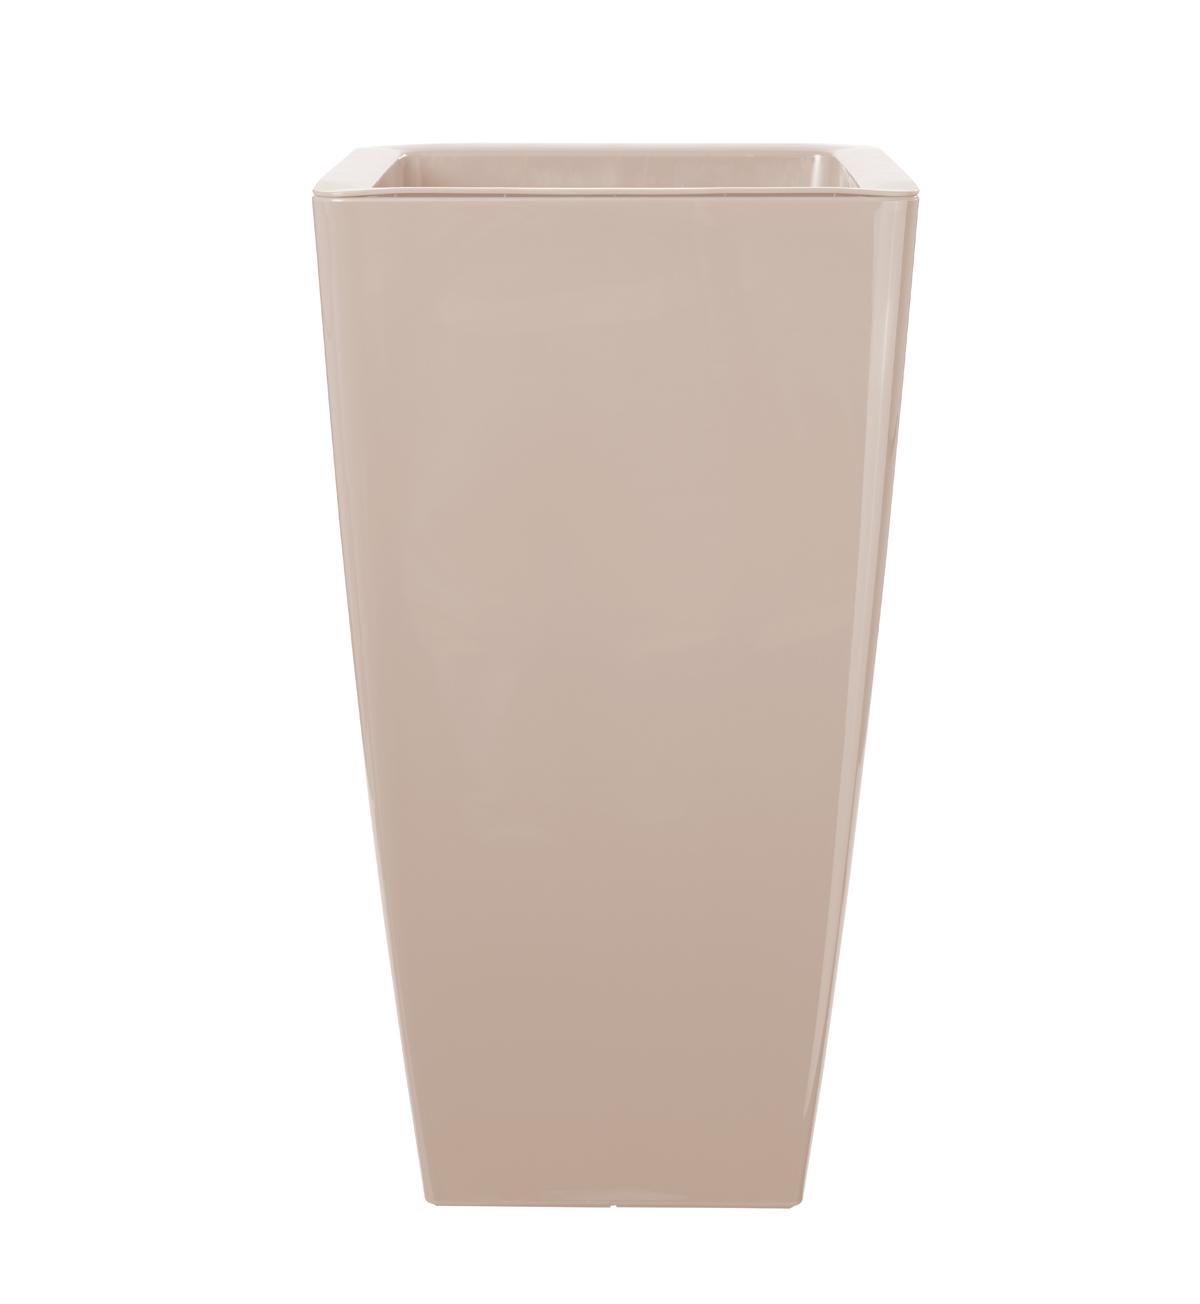 Vaso ARTEVASI in polipropilene colore sabbia H 61 cm, L 33 x P 33 cm